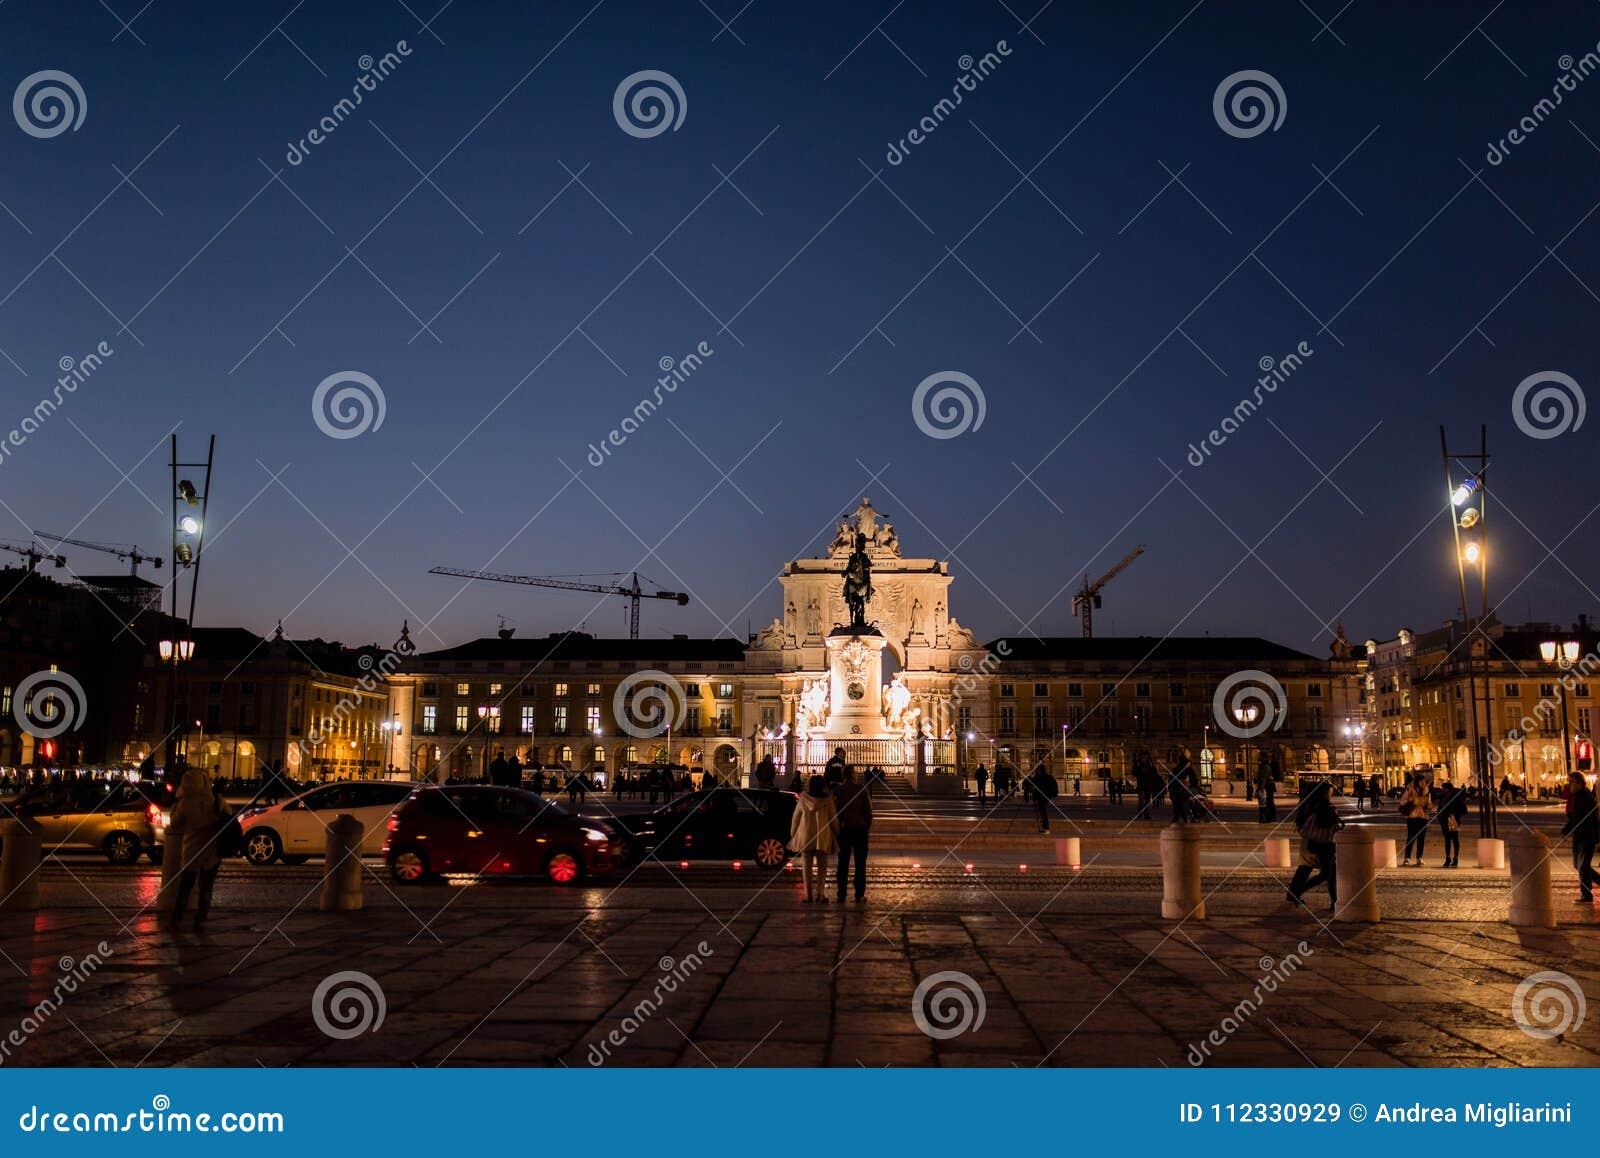 Praça font Comércio, place importante de Lisbonne, Portugal, nuit